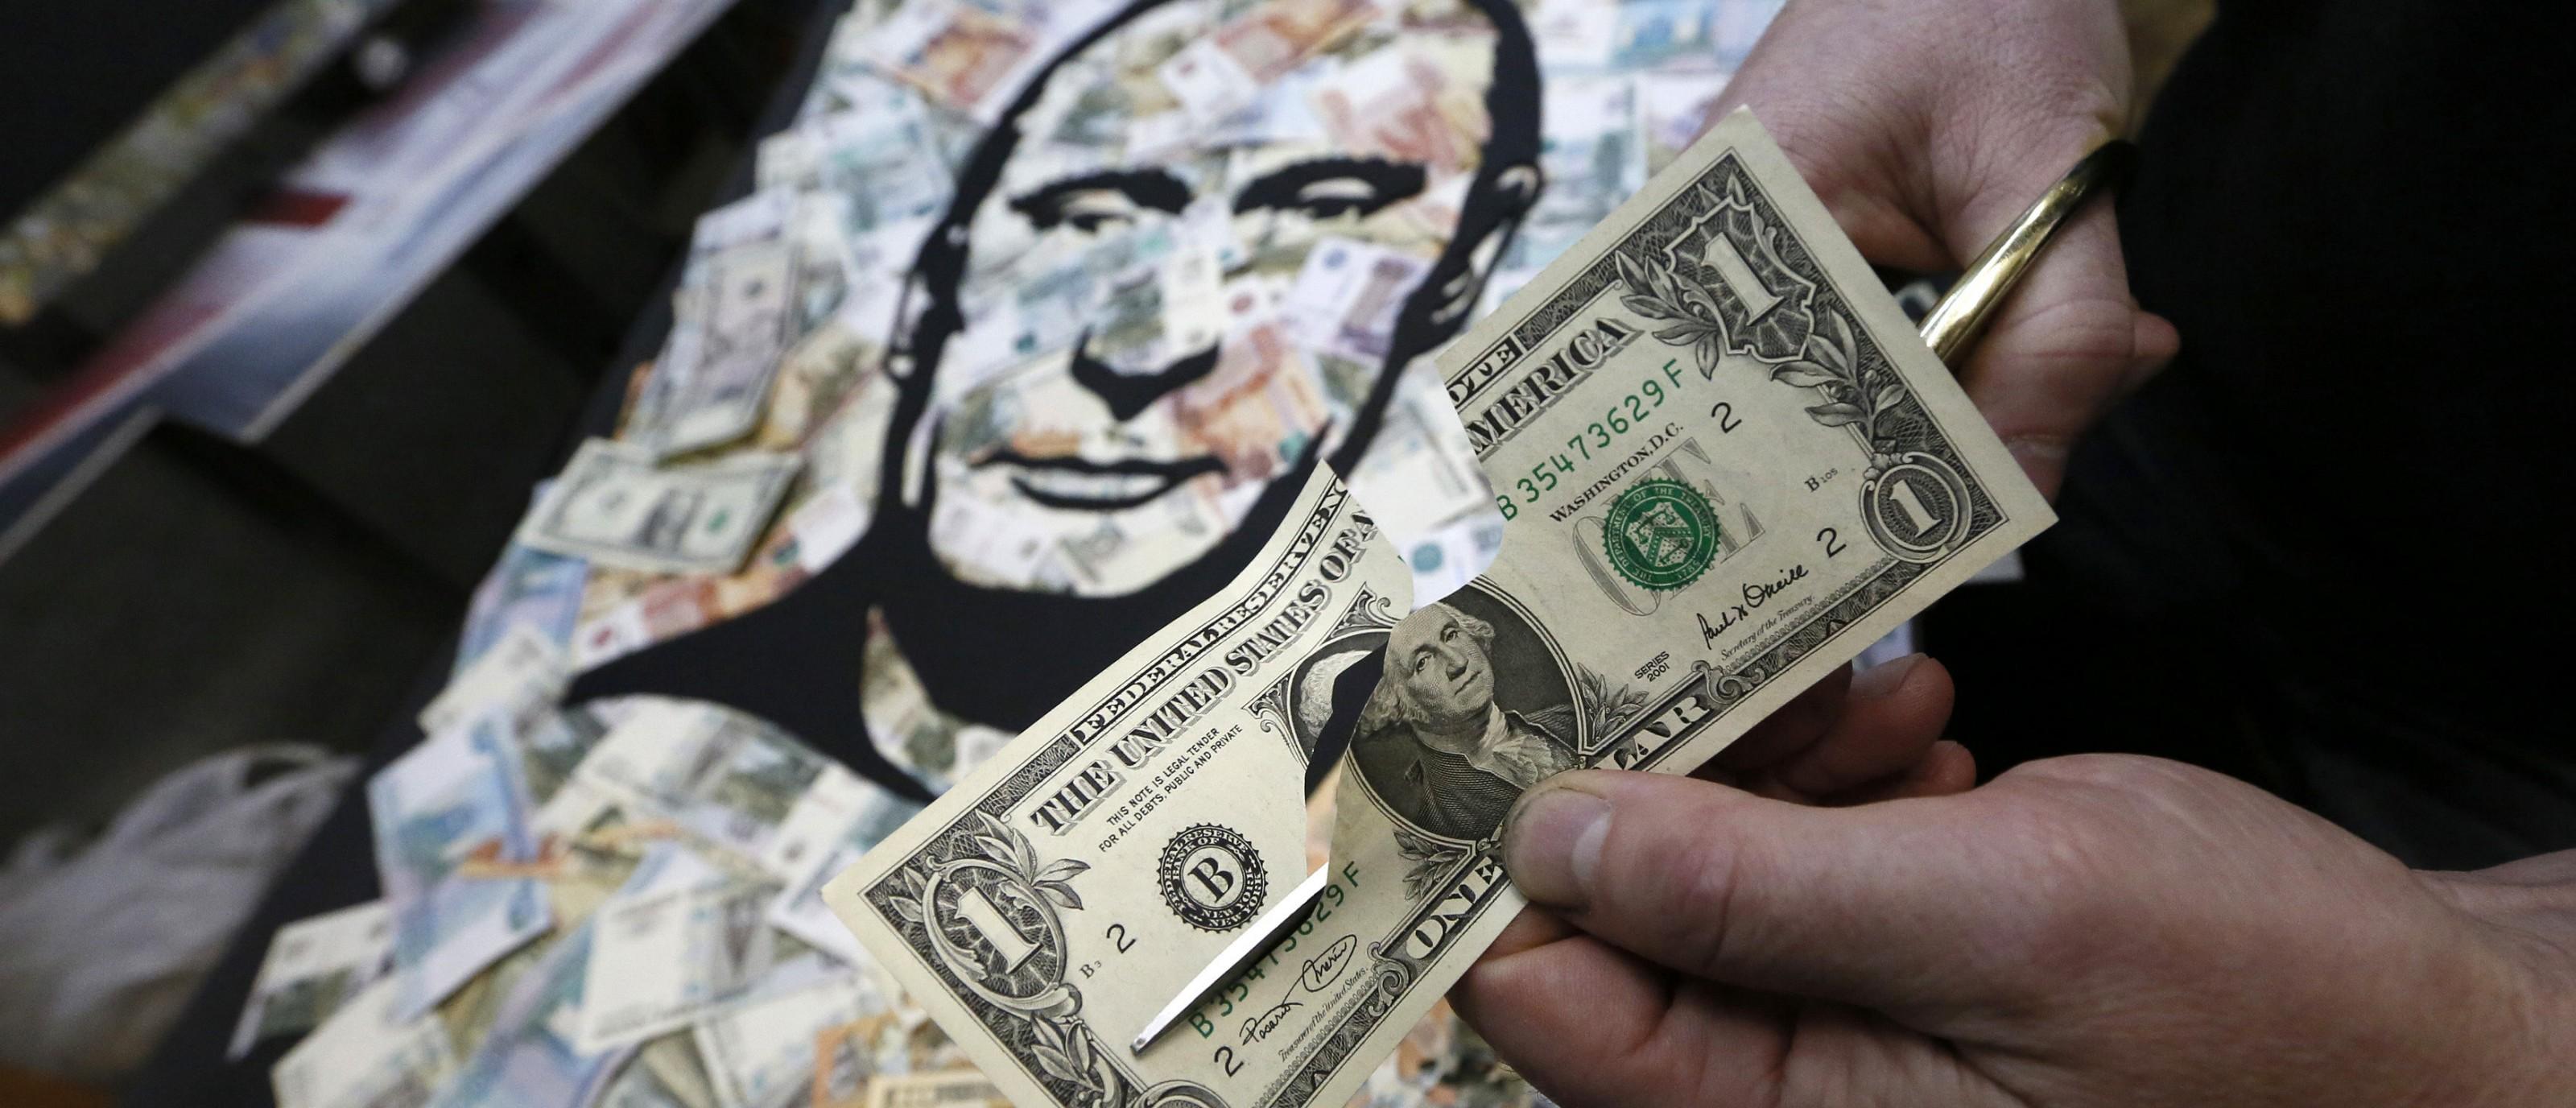 Россия перестала платить по счетам США: что станет с госдолгом Штатов